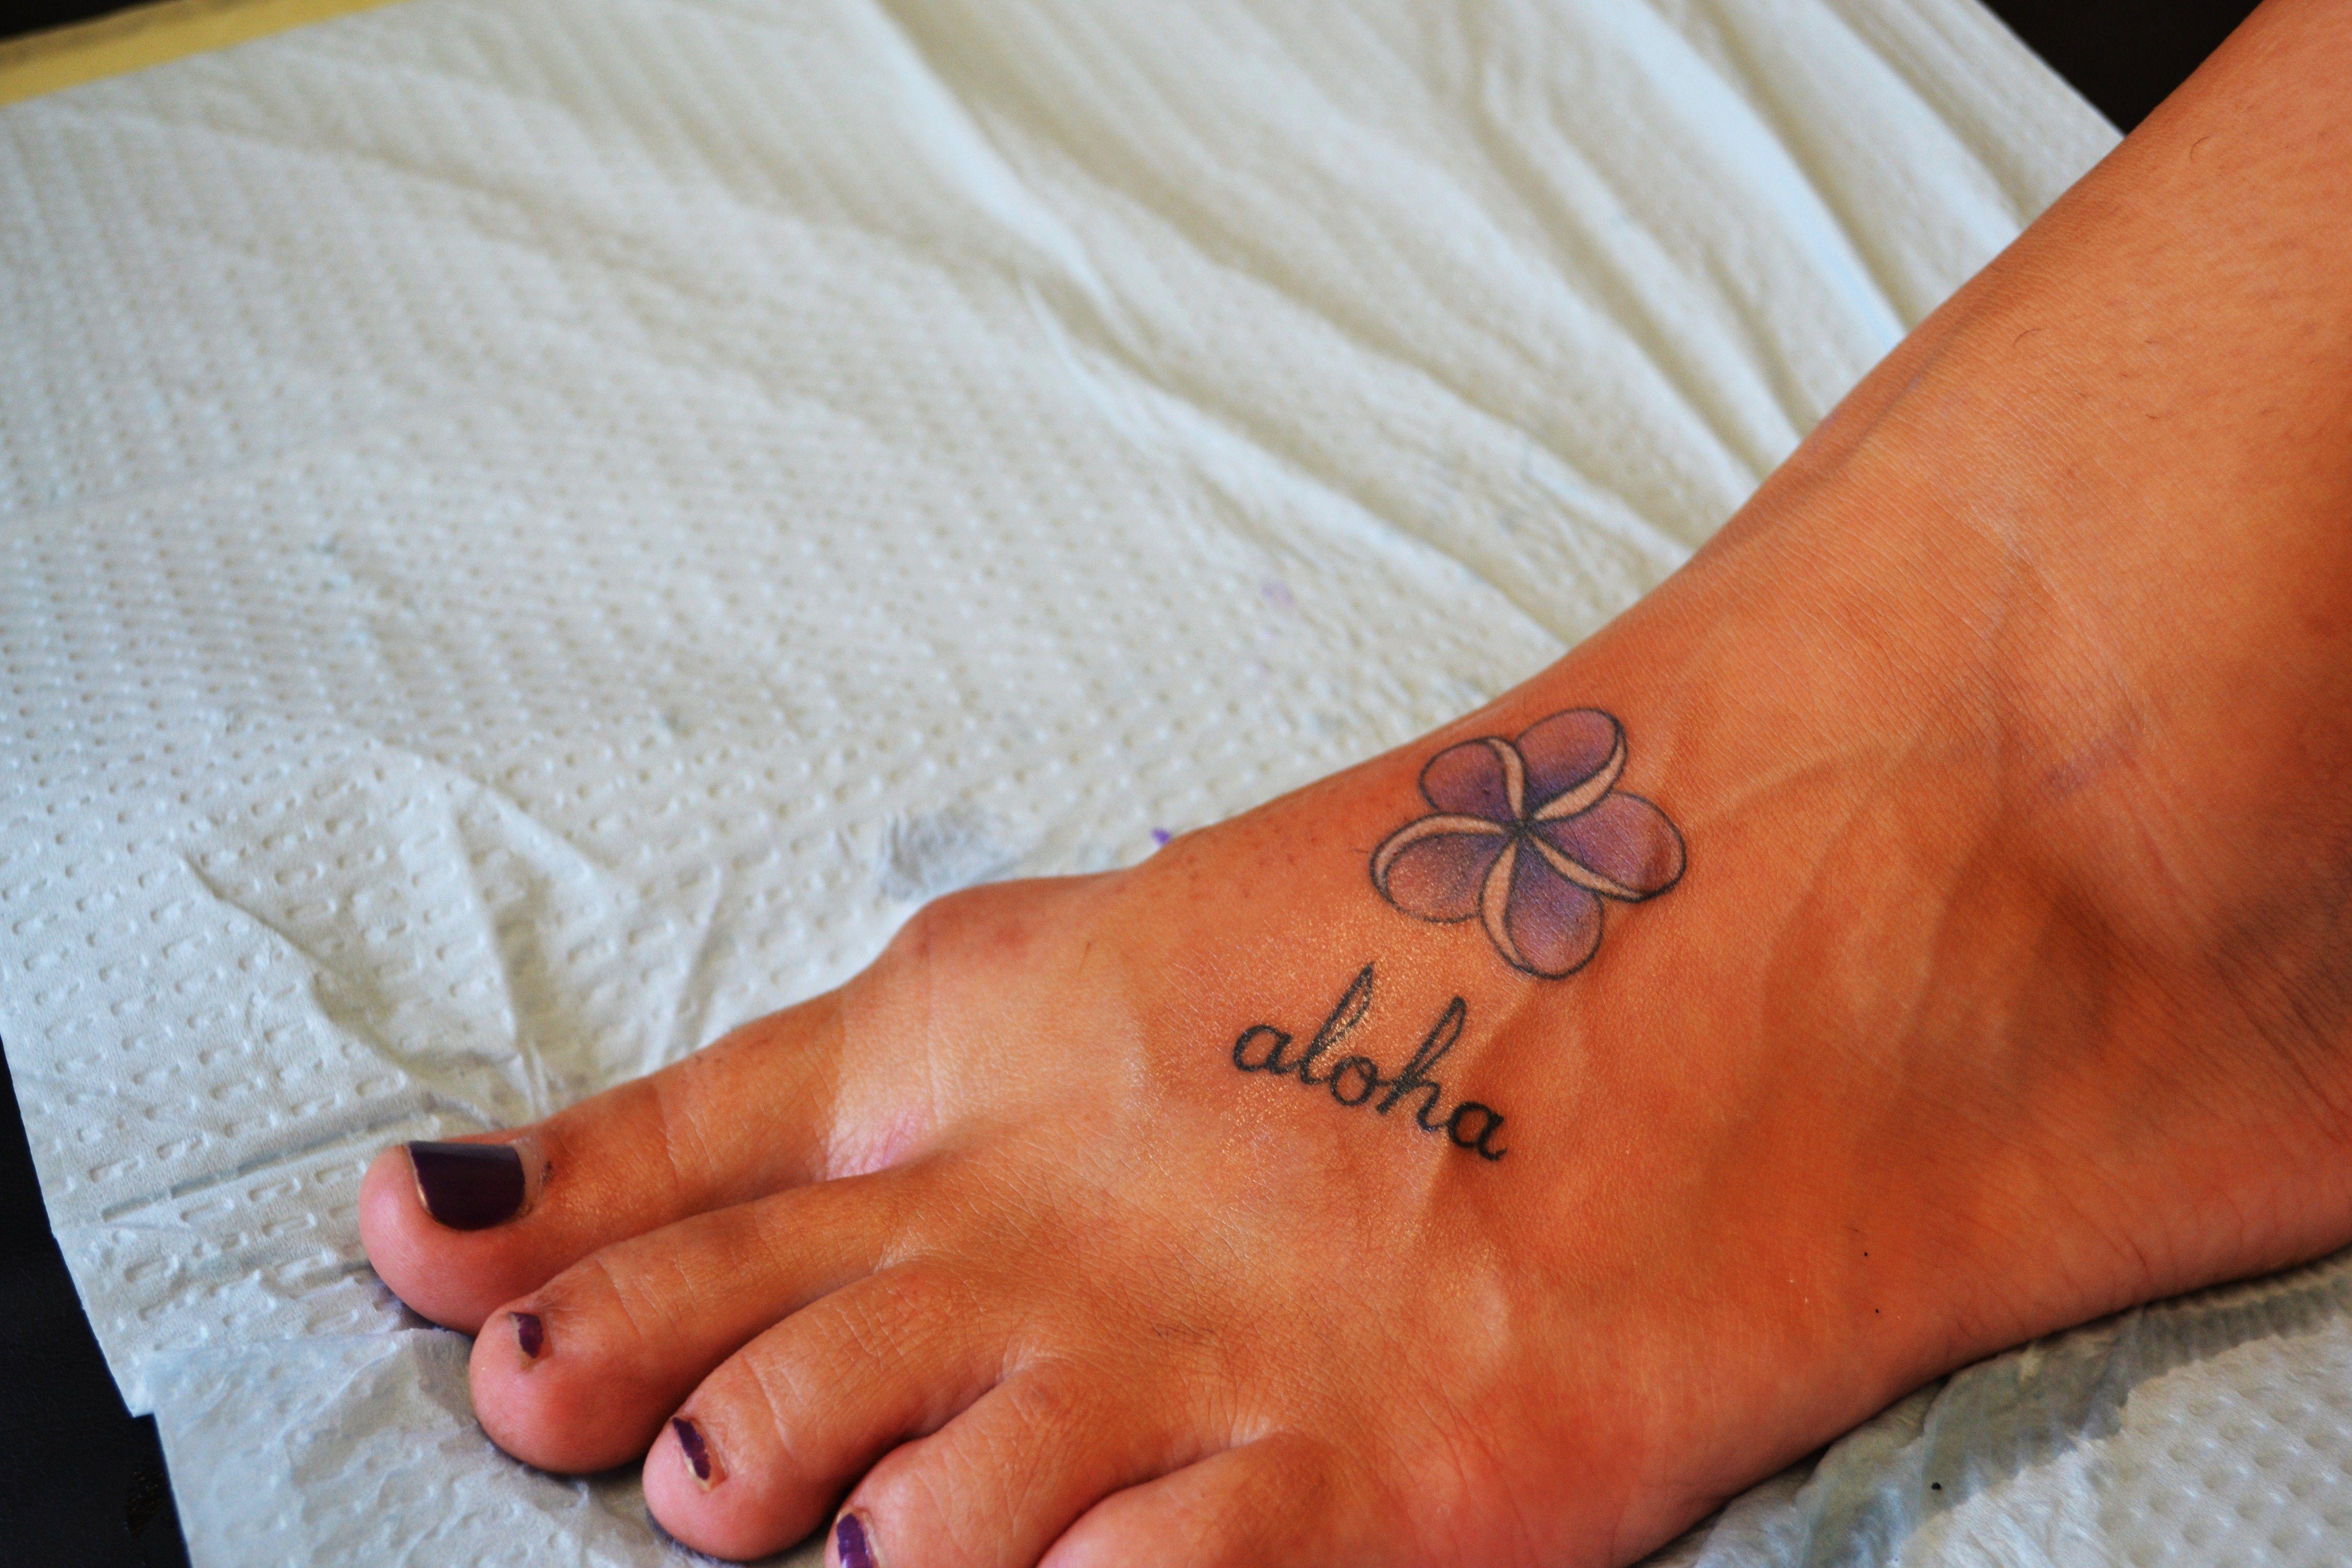 Nicoles Hawaiian Tattoo Paia Tattoo Parlor Maui Hawaii Hawaii